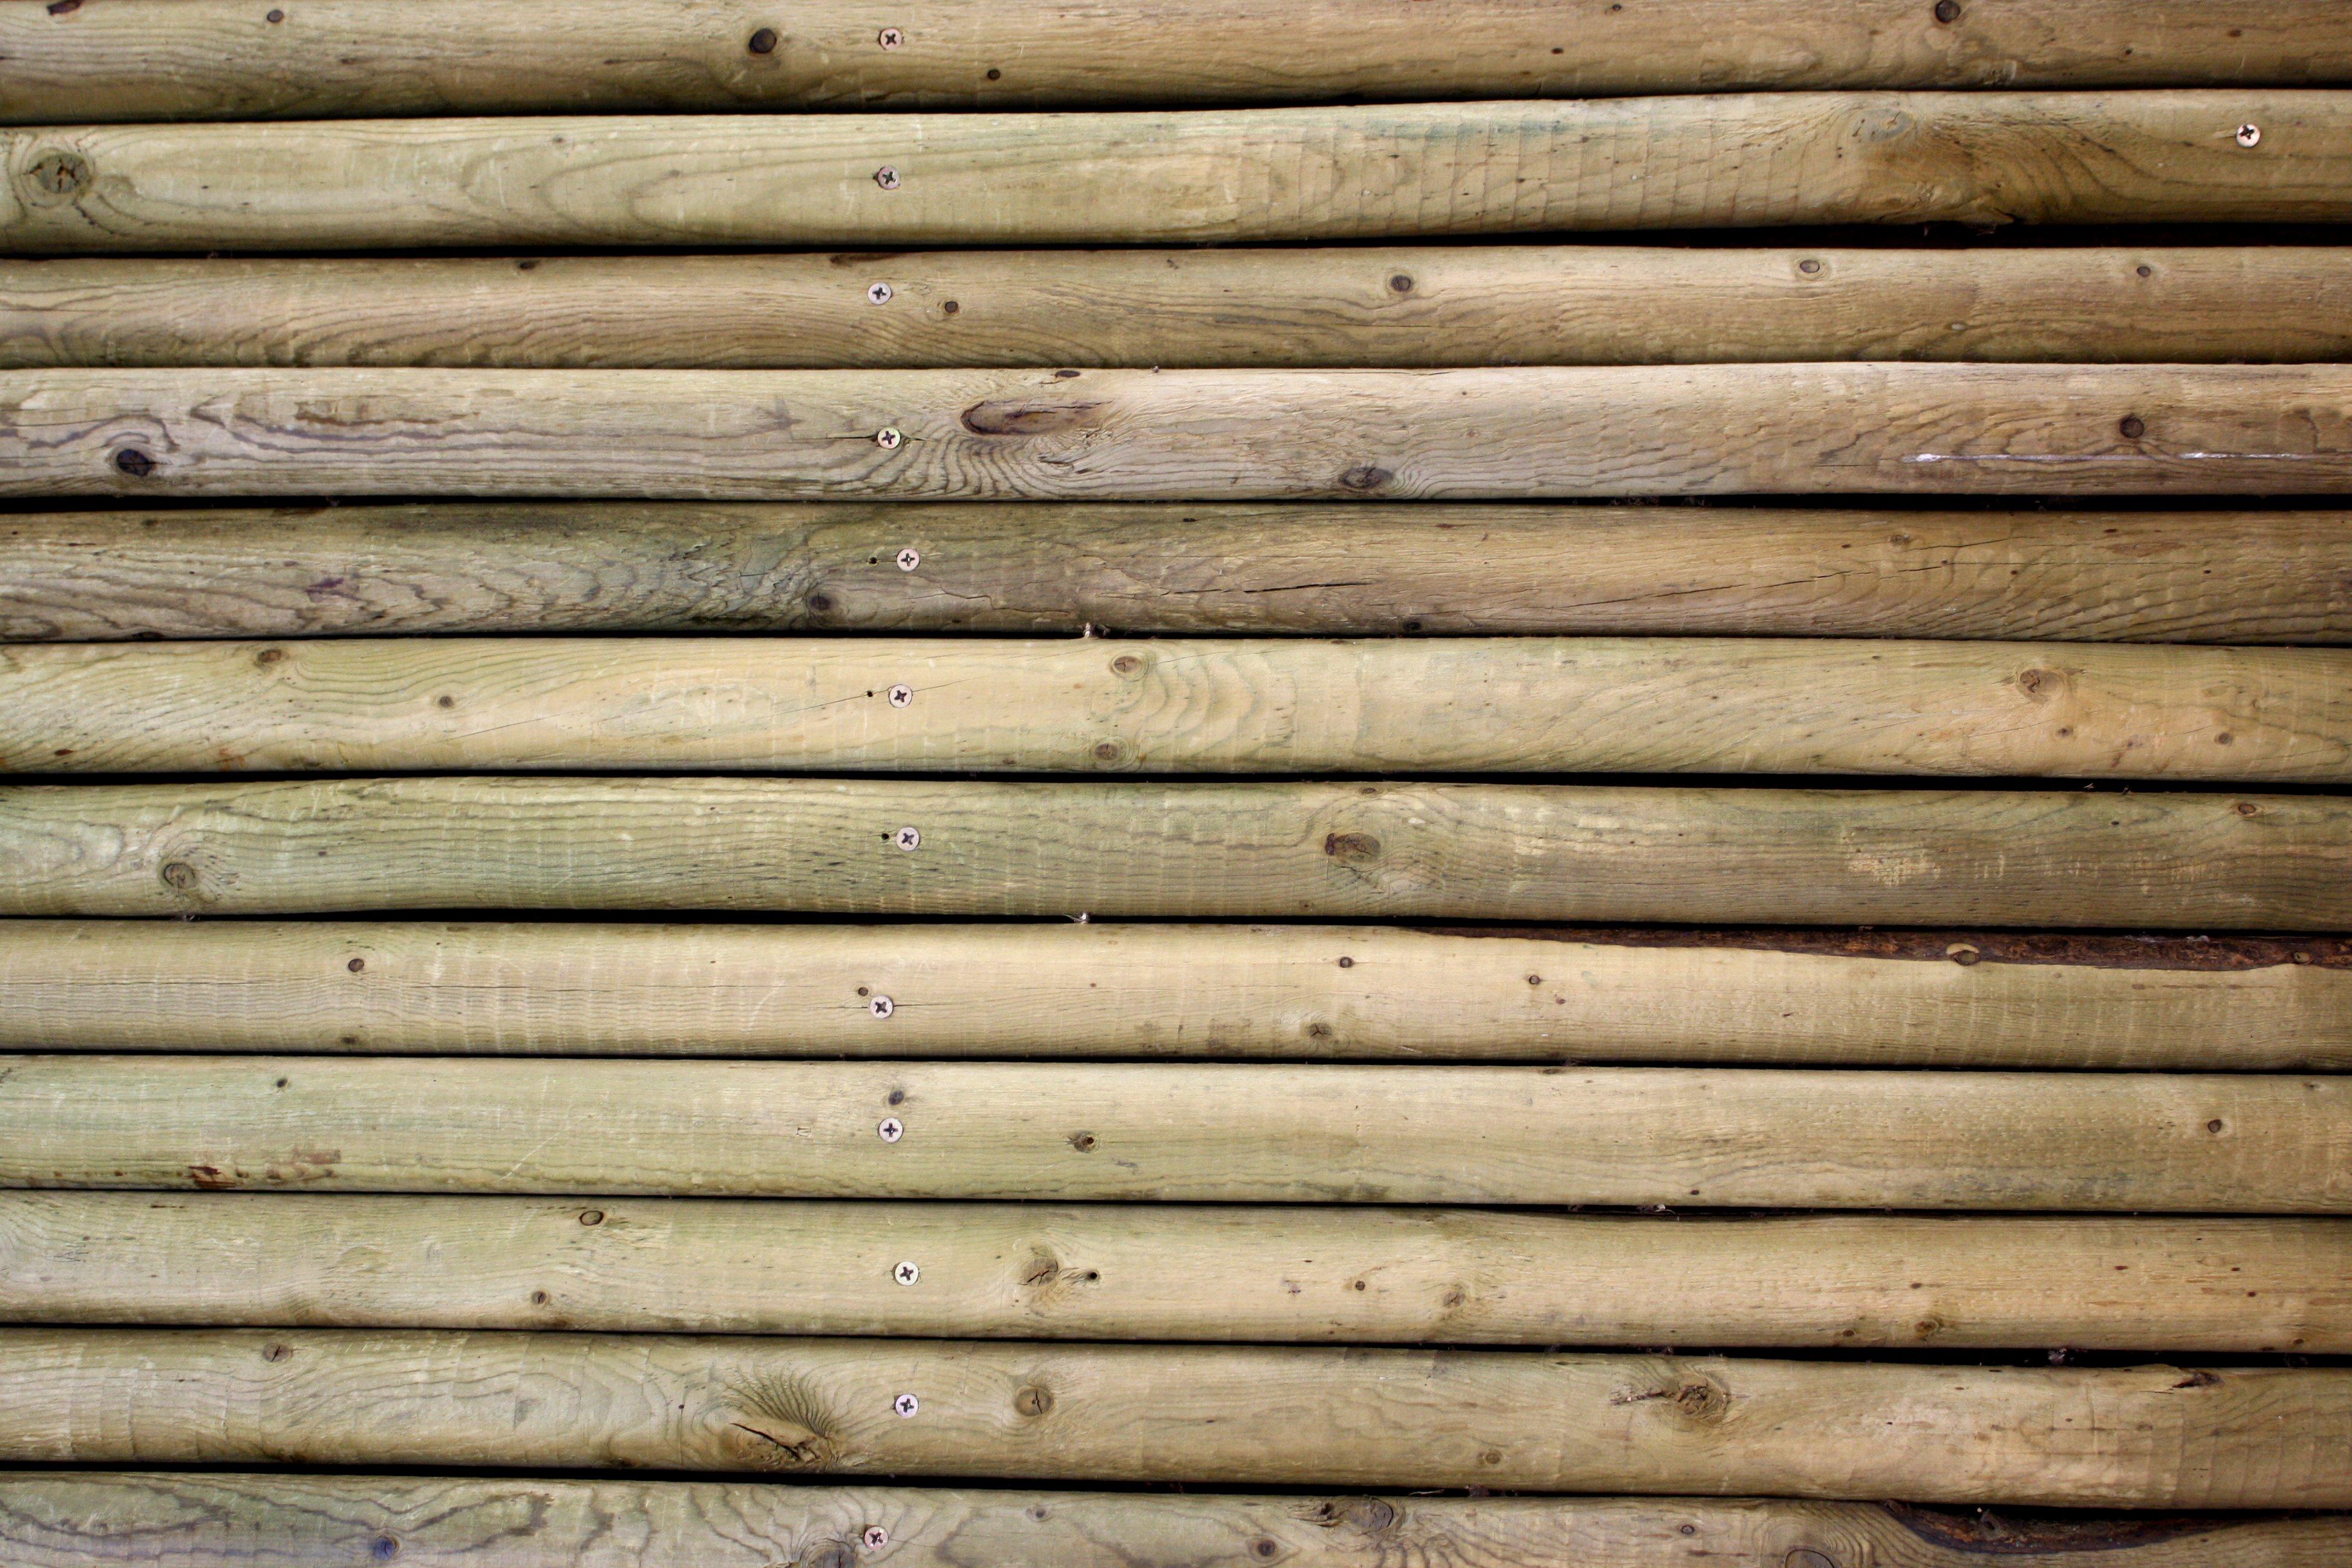 Wooden Poles Texture Picture | Free Photograph | Photos Public Domain